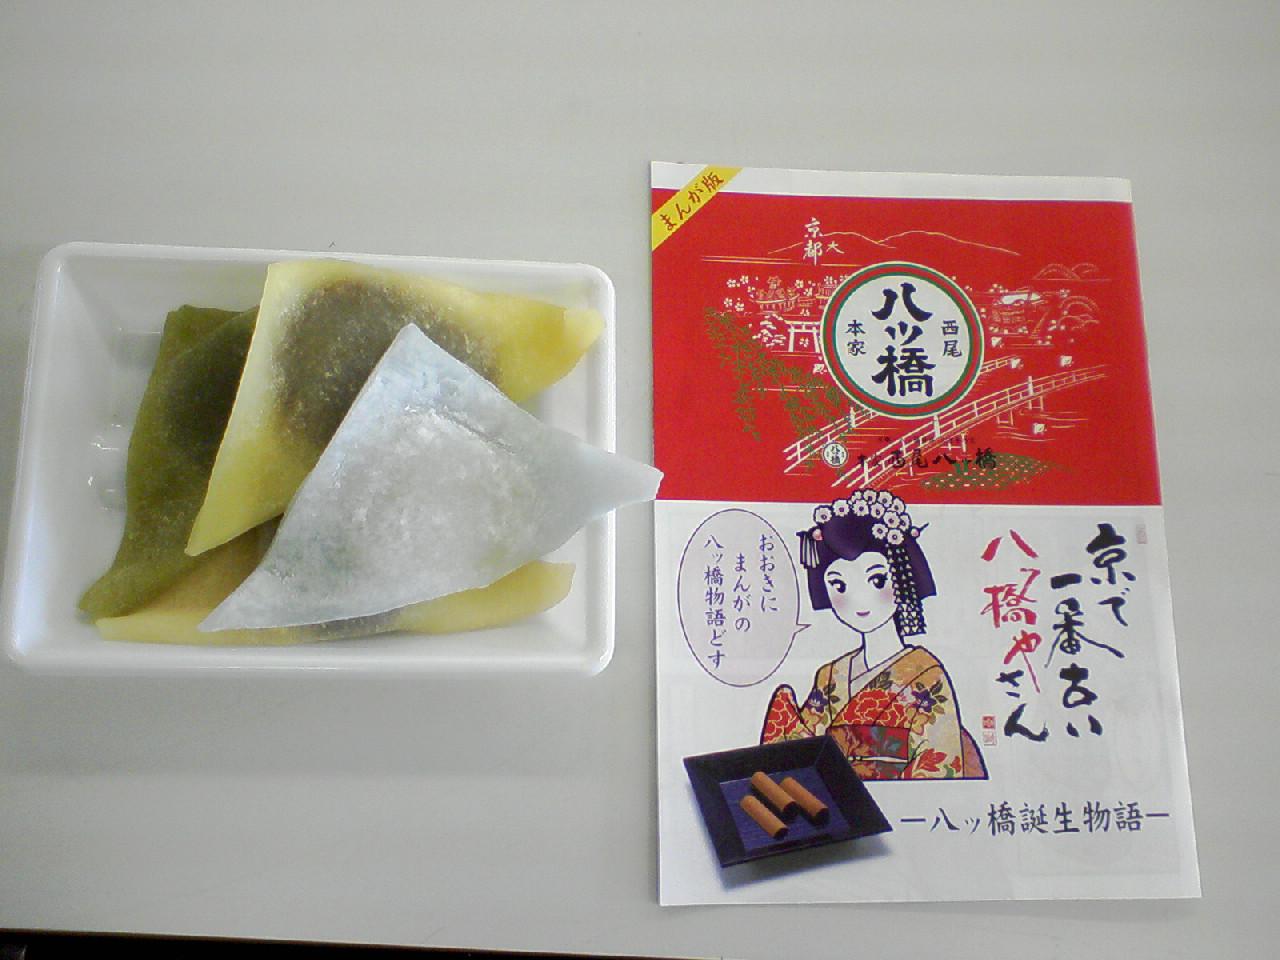 西尾の八ツ橋(ラムネ・チョコバナナ)